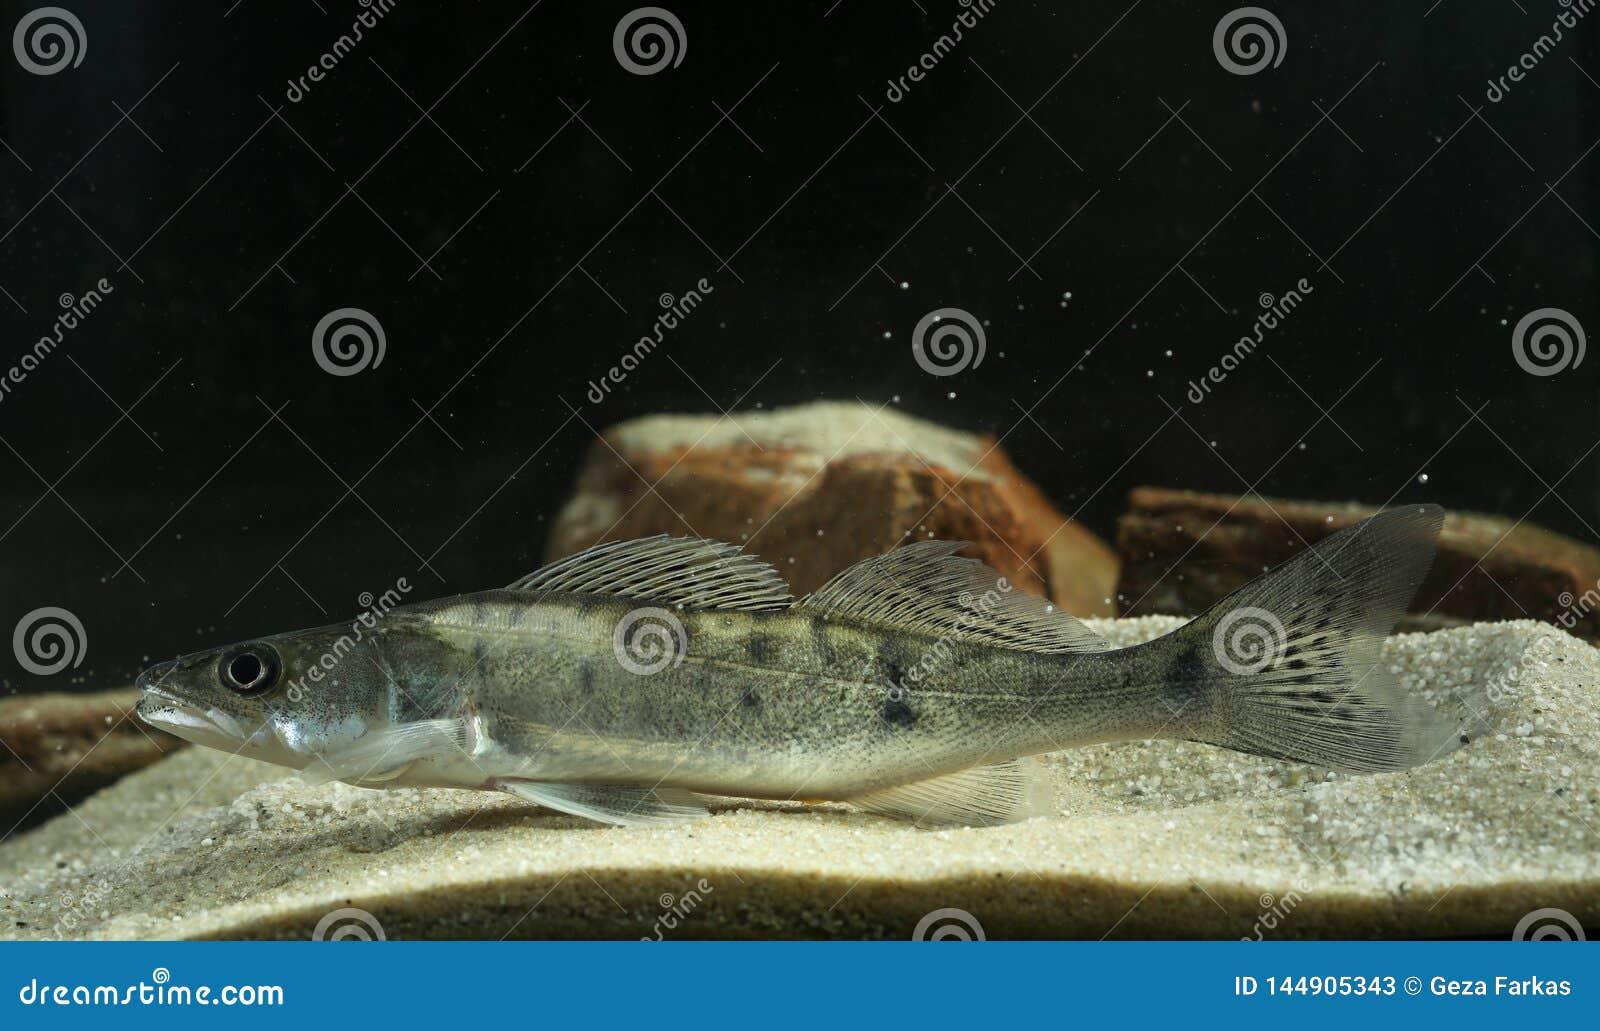 Perch freshwater gamefish Stizostedion lucioperca